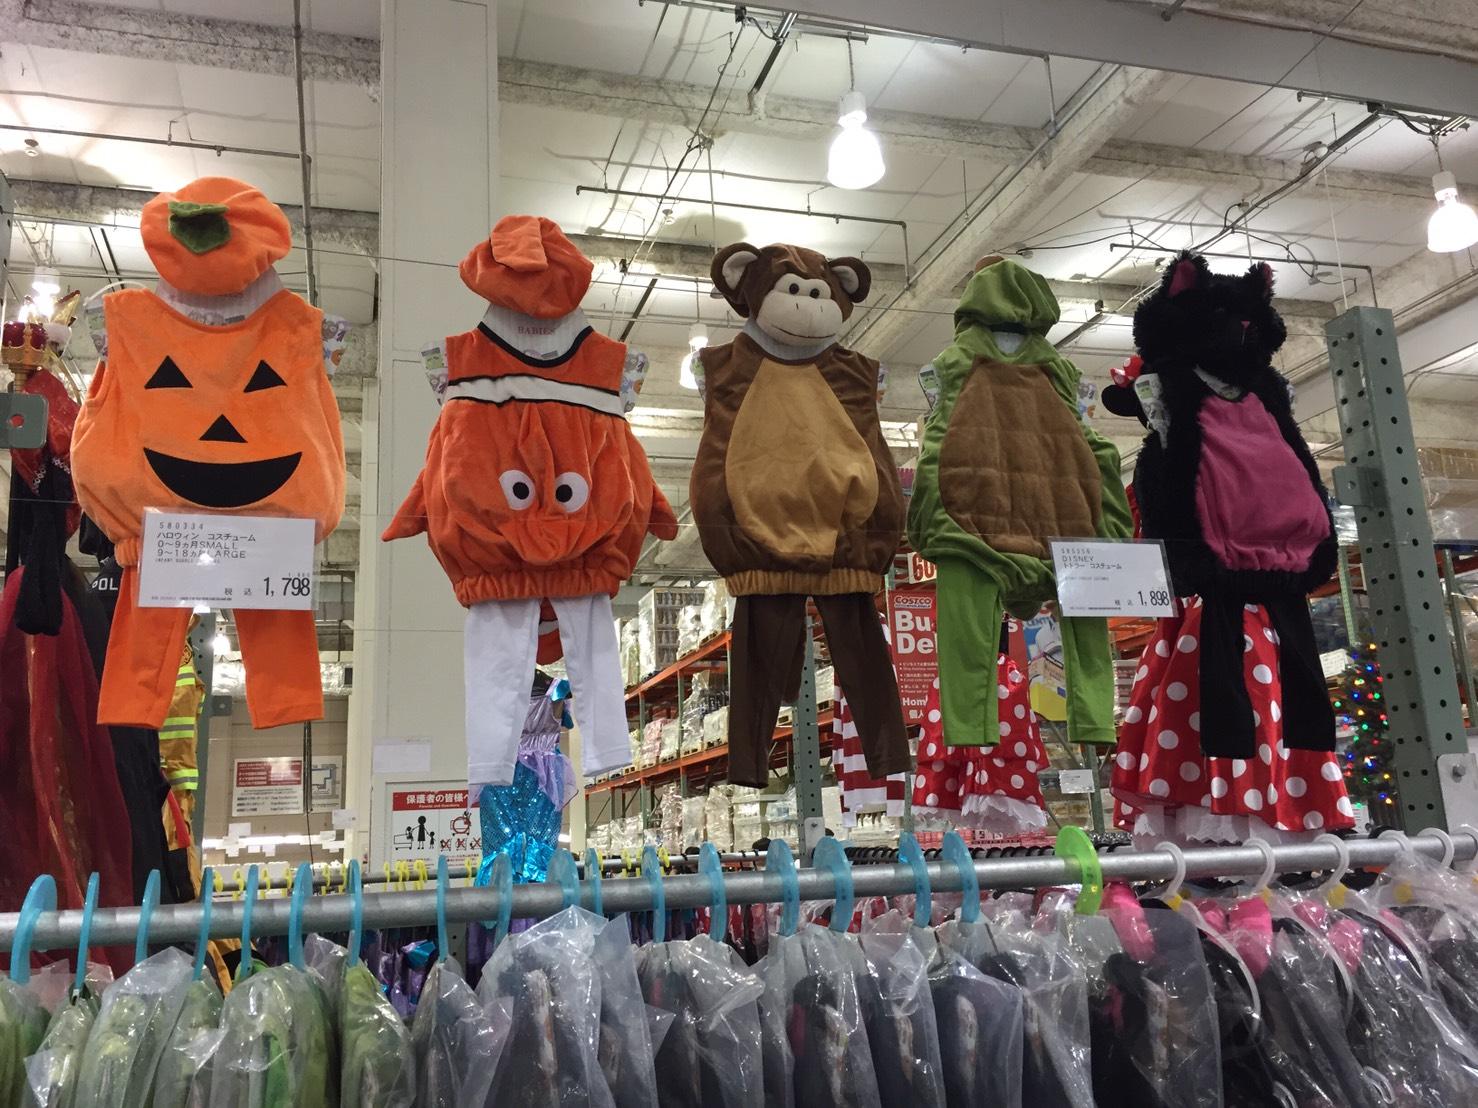 赤ちゃんのハロウィン衣装はどこか探している人コストコへ急げ!